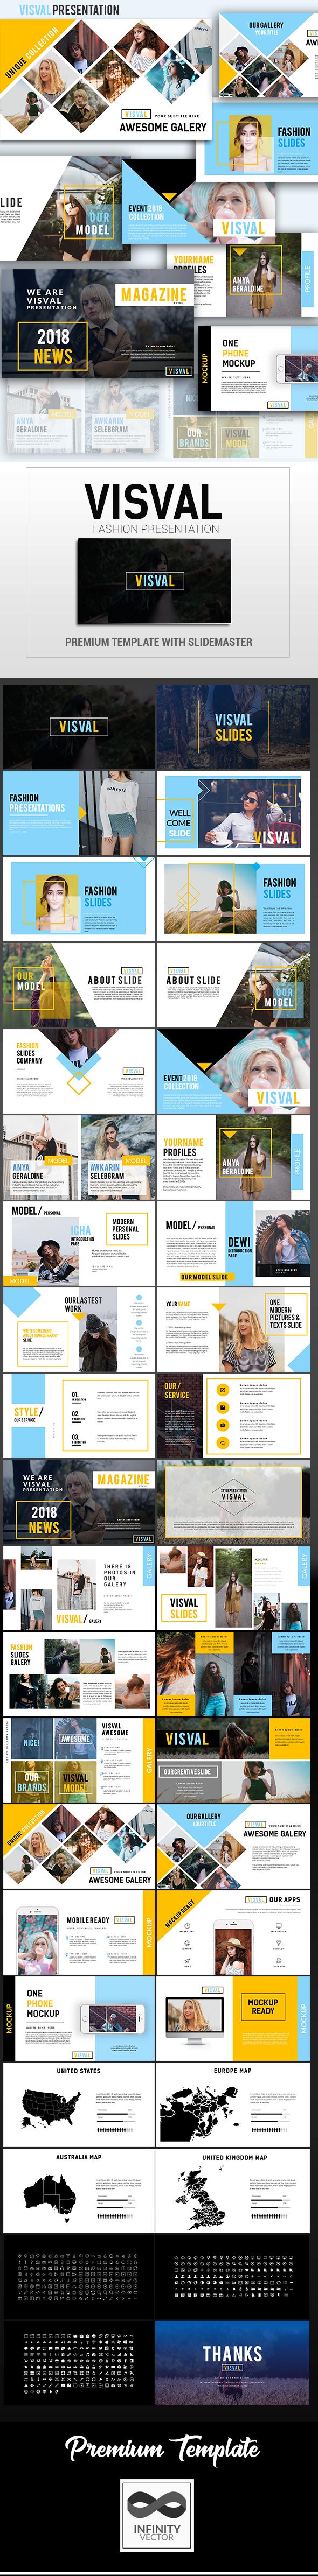 Visval Fashion Presentation Google Slide - Google Slides Presentation Templates